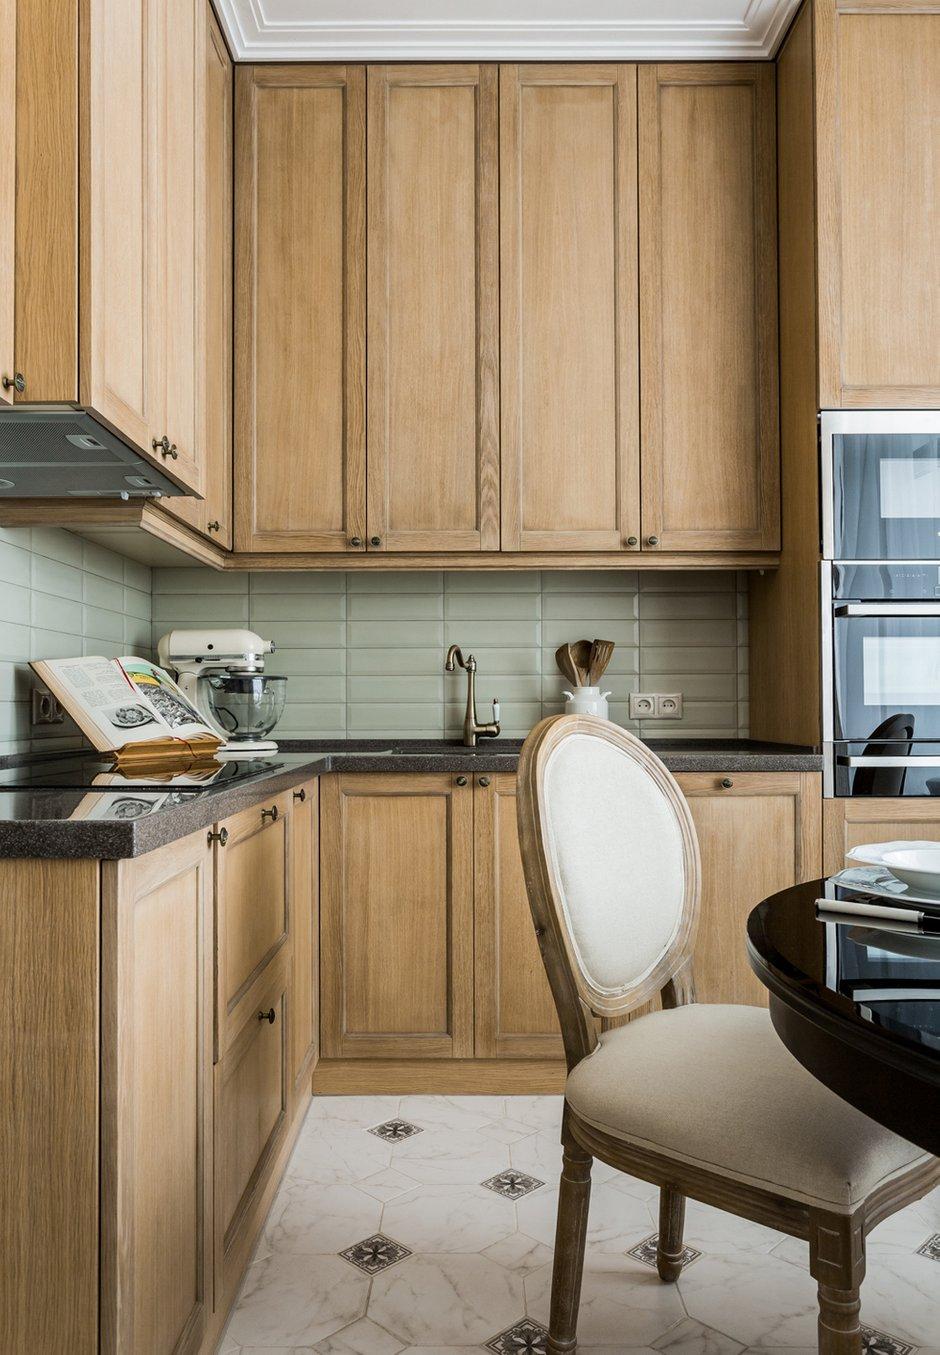 Фотография: Кухня и столовая в стиле Классический, Современный, Квартира, Проект недели, Москва, Монолитный дом, 2 комнаты, 60-90 метров, Елена Лазутина – фото на INMYROOM